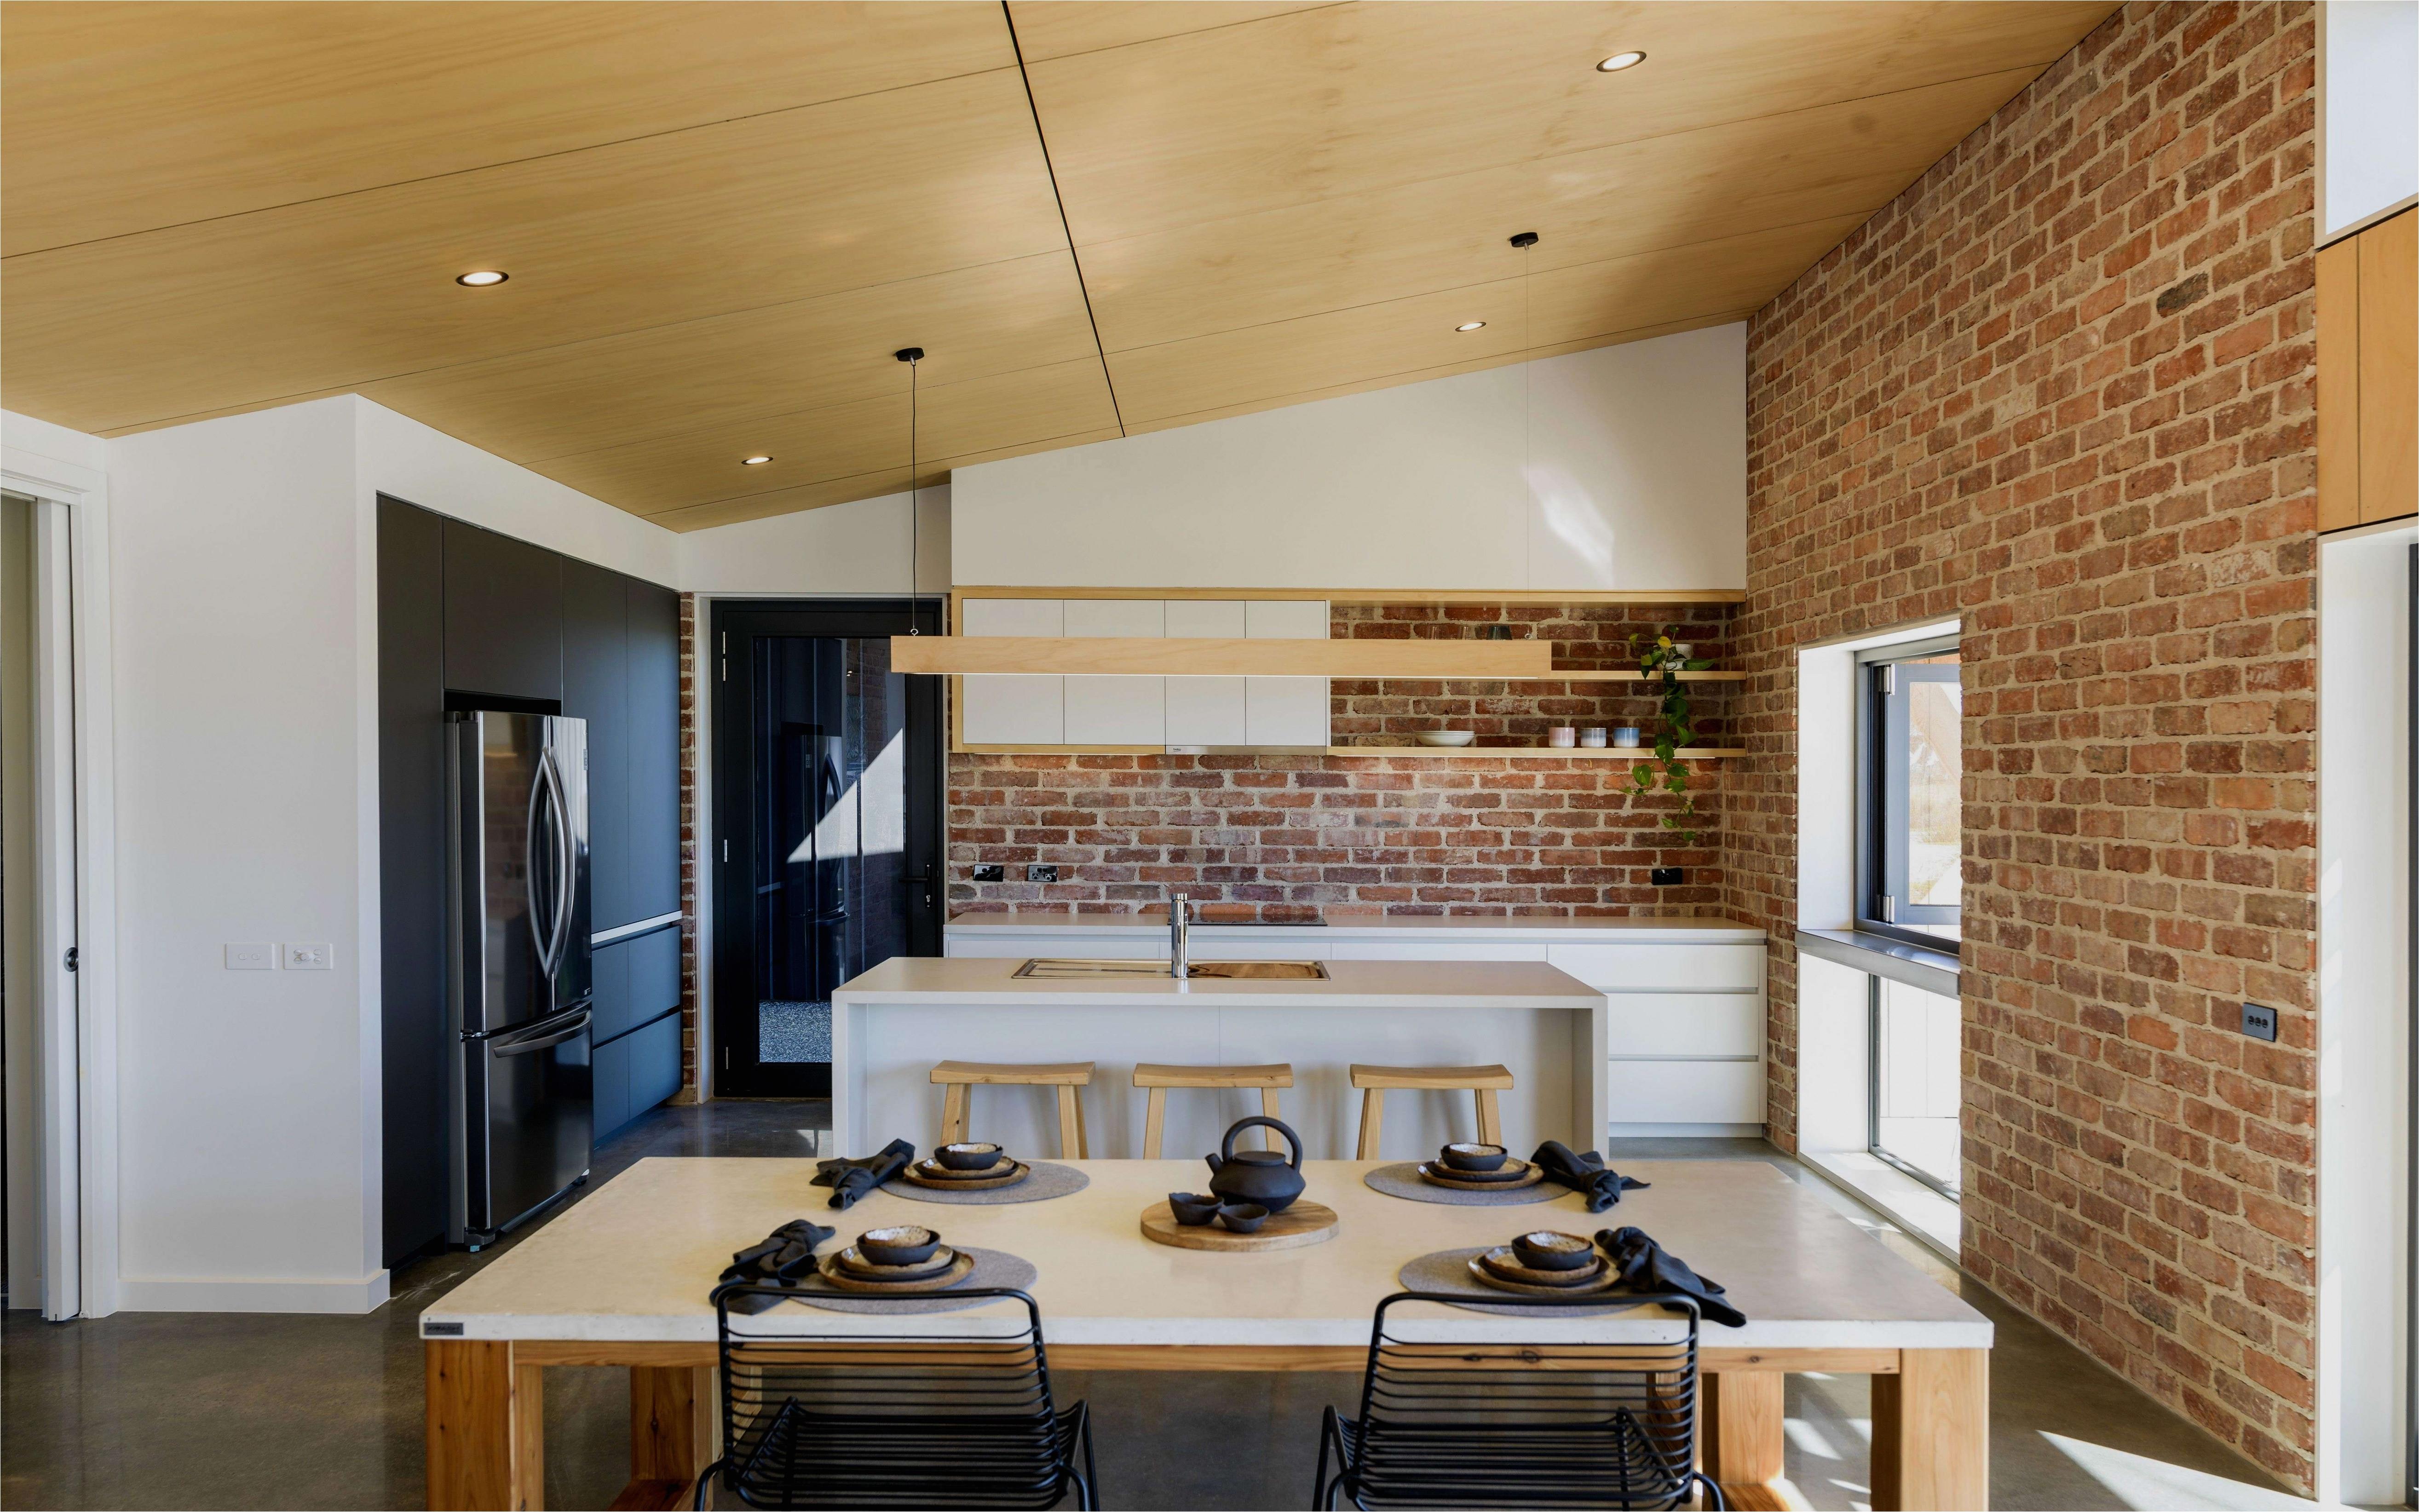 Diy Kitchen Decorating Ideas Kitchen Decor Items New Kitchen Zeev Kitchen Zeev Kitchen 0d Scheme